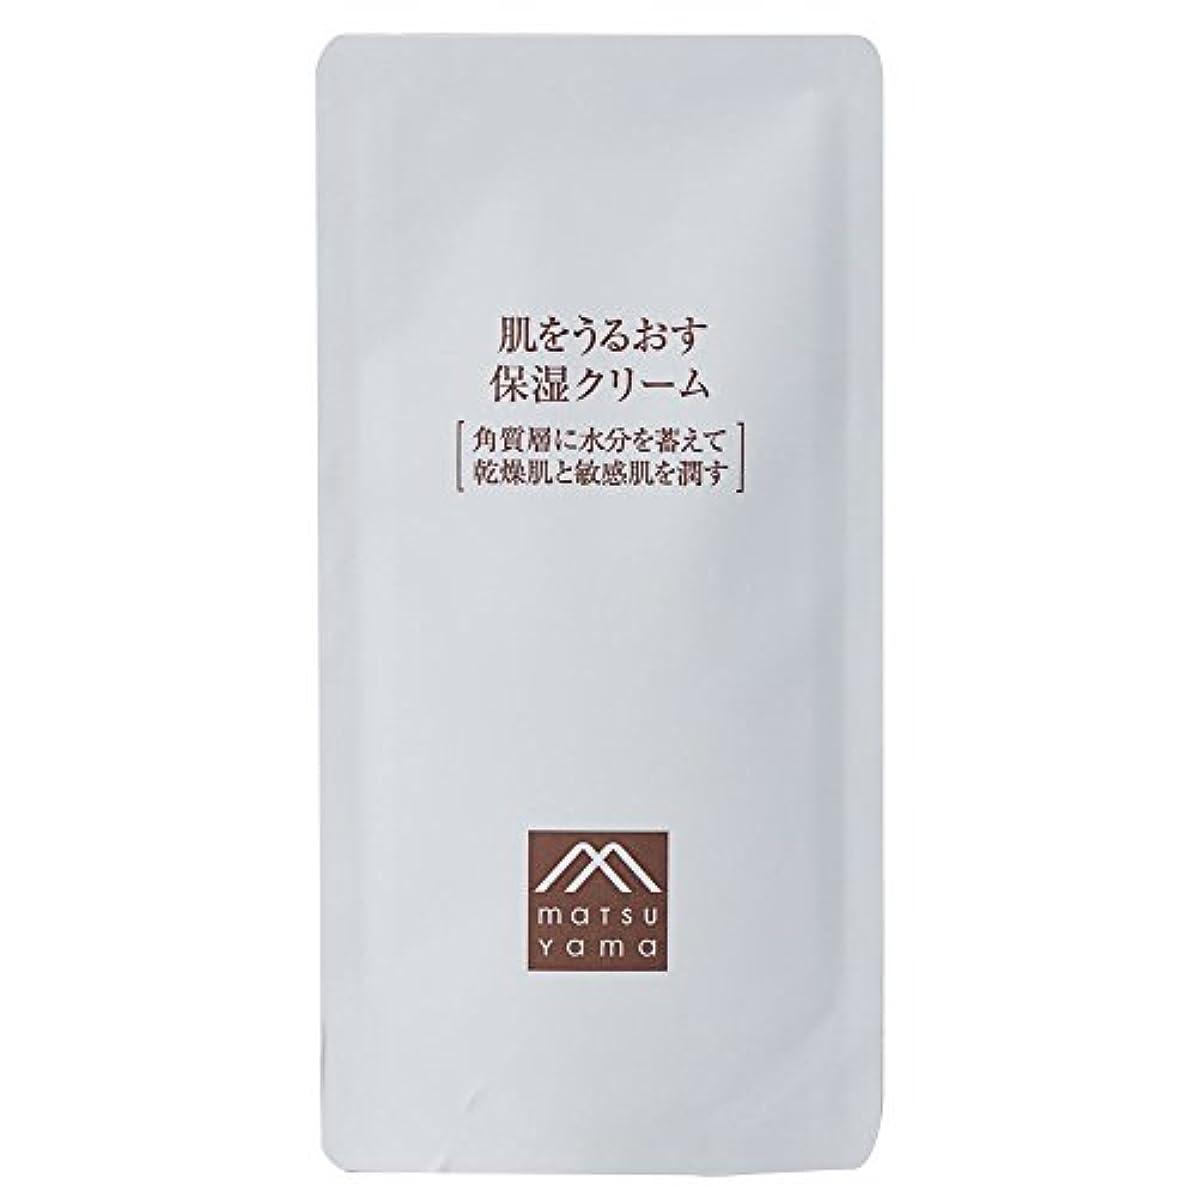 寝てる個人的なシマウマ肌をうるおす保湿クリーム 詰替用(クリーム) 濃厚クリーム [乾燥肌 敏感肌]